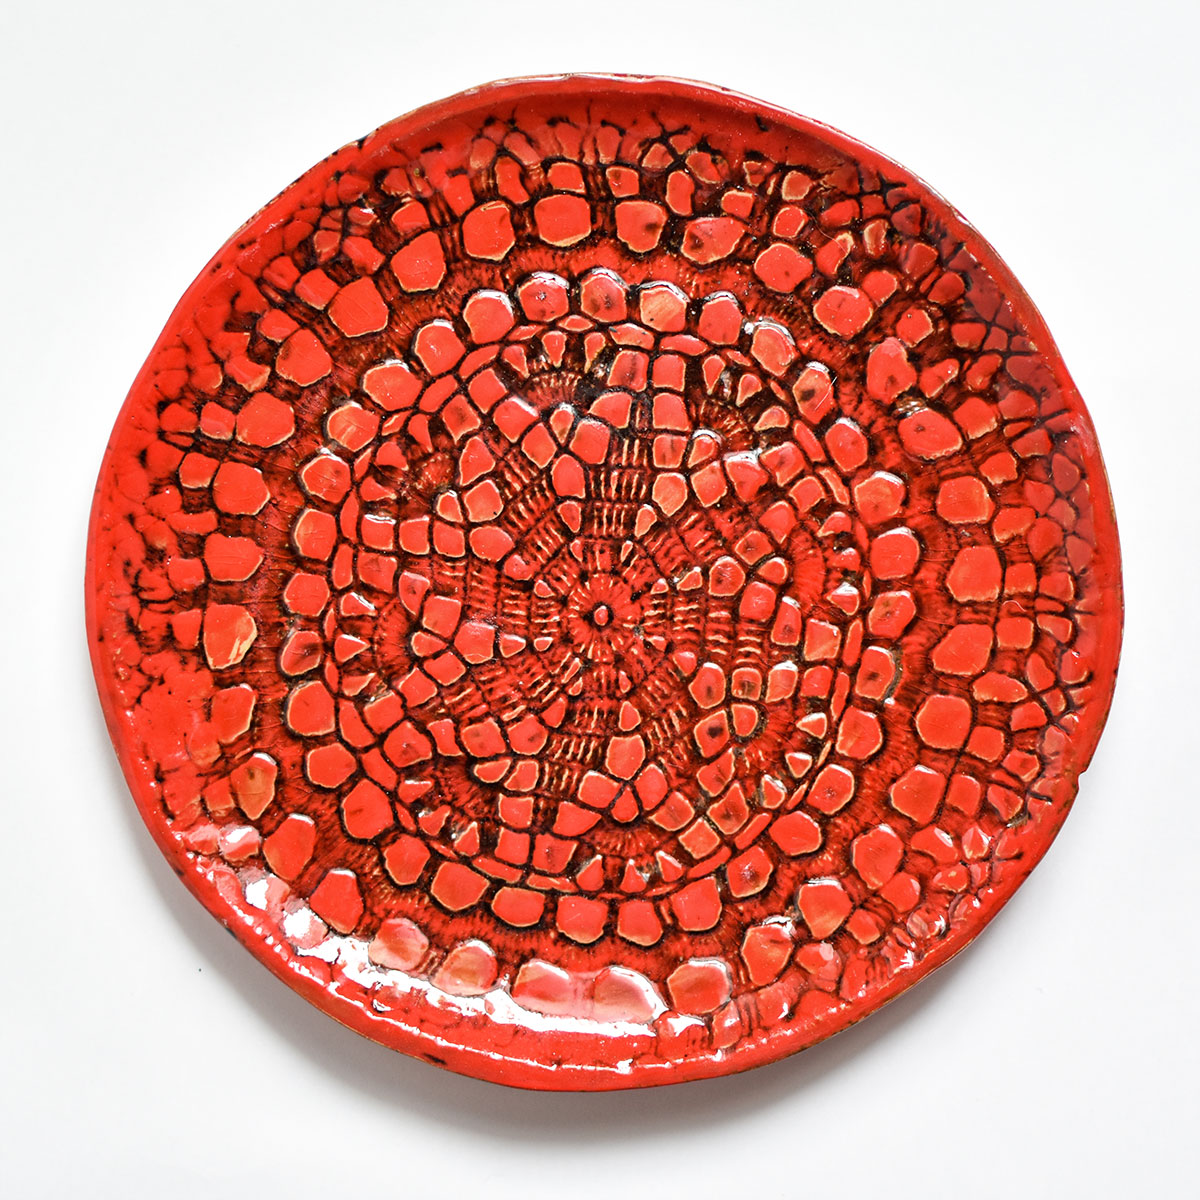 """картинка Керамическая тарелка с кружевом """"Огонь"""" 3 - DishWishes.Ru"""